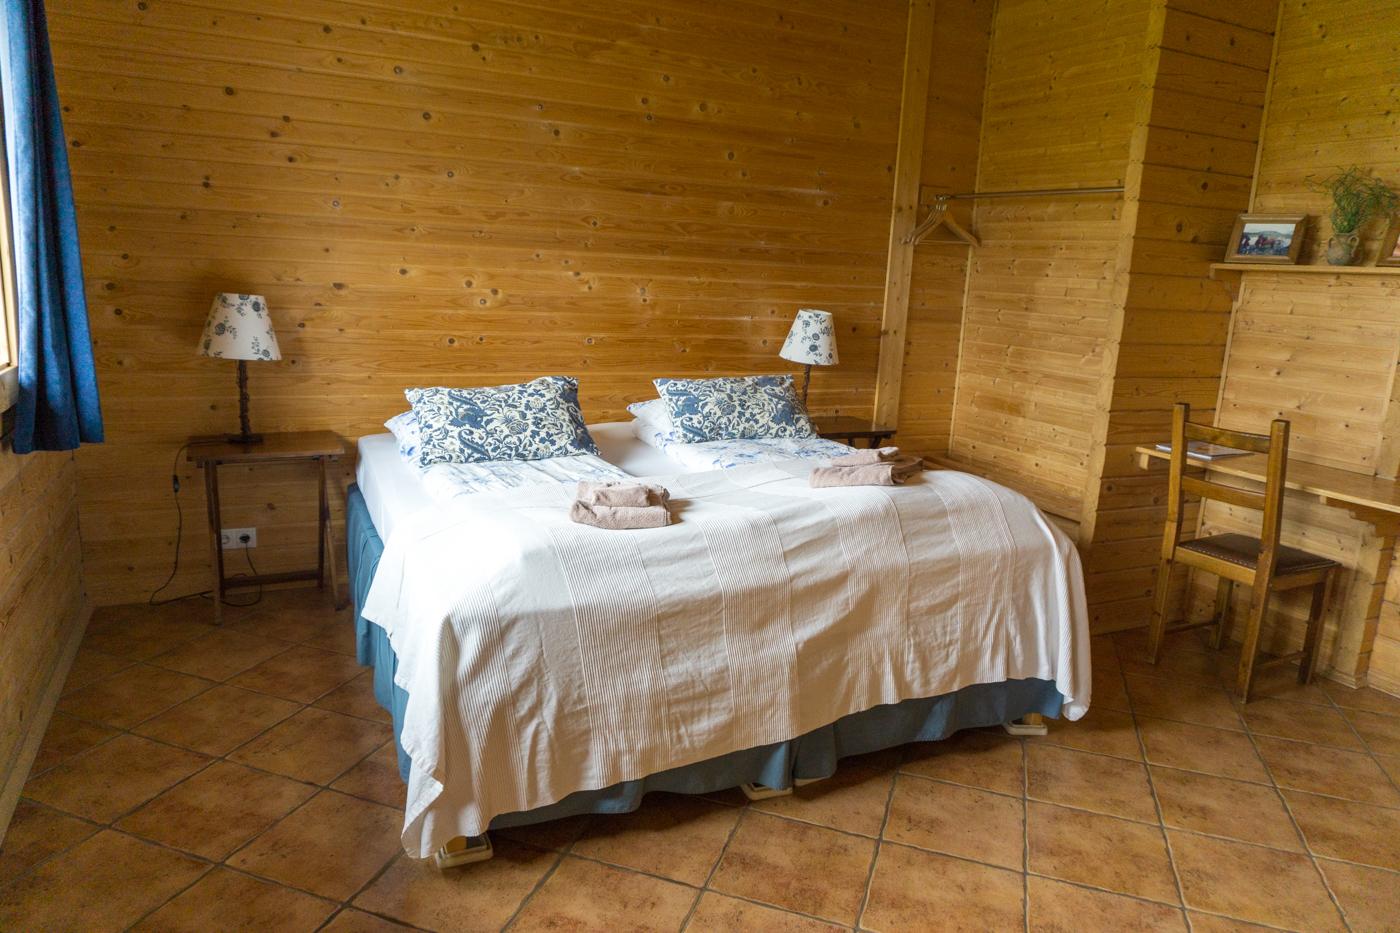 Hotel Efsti-Dalur - Où dormir en Islande?